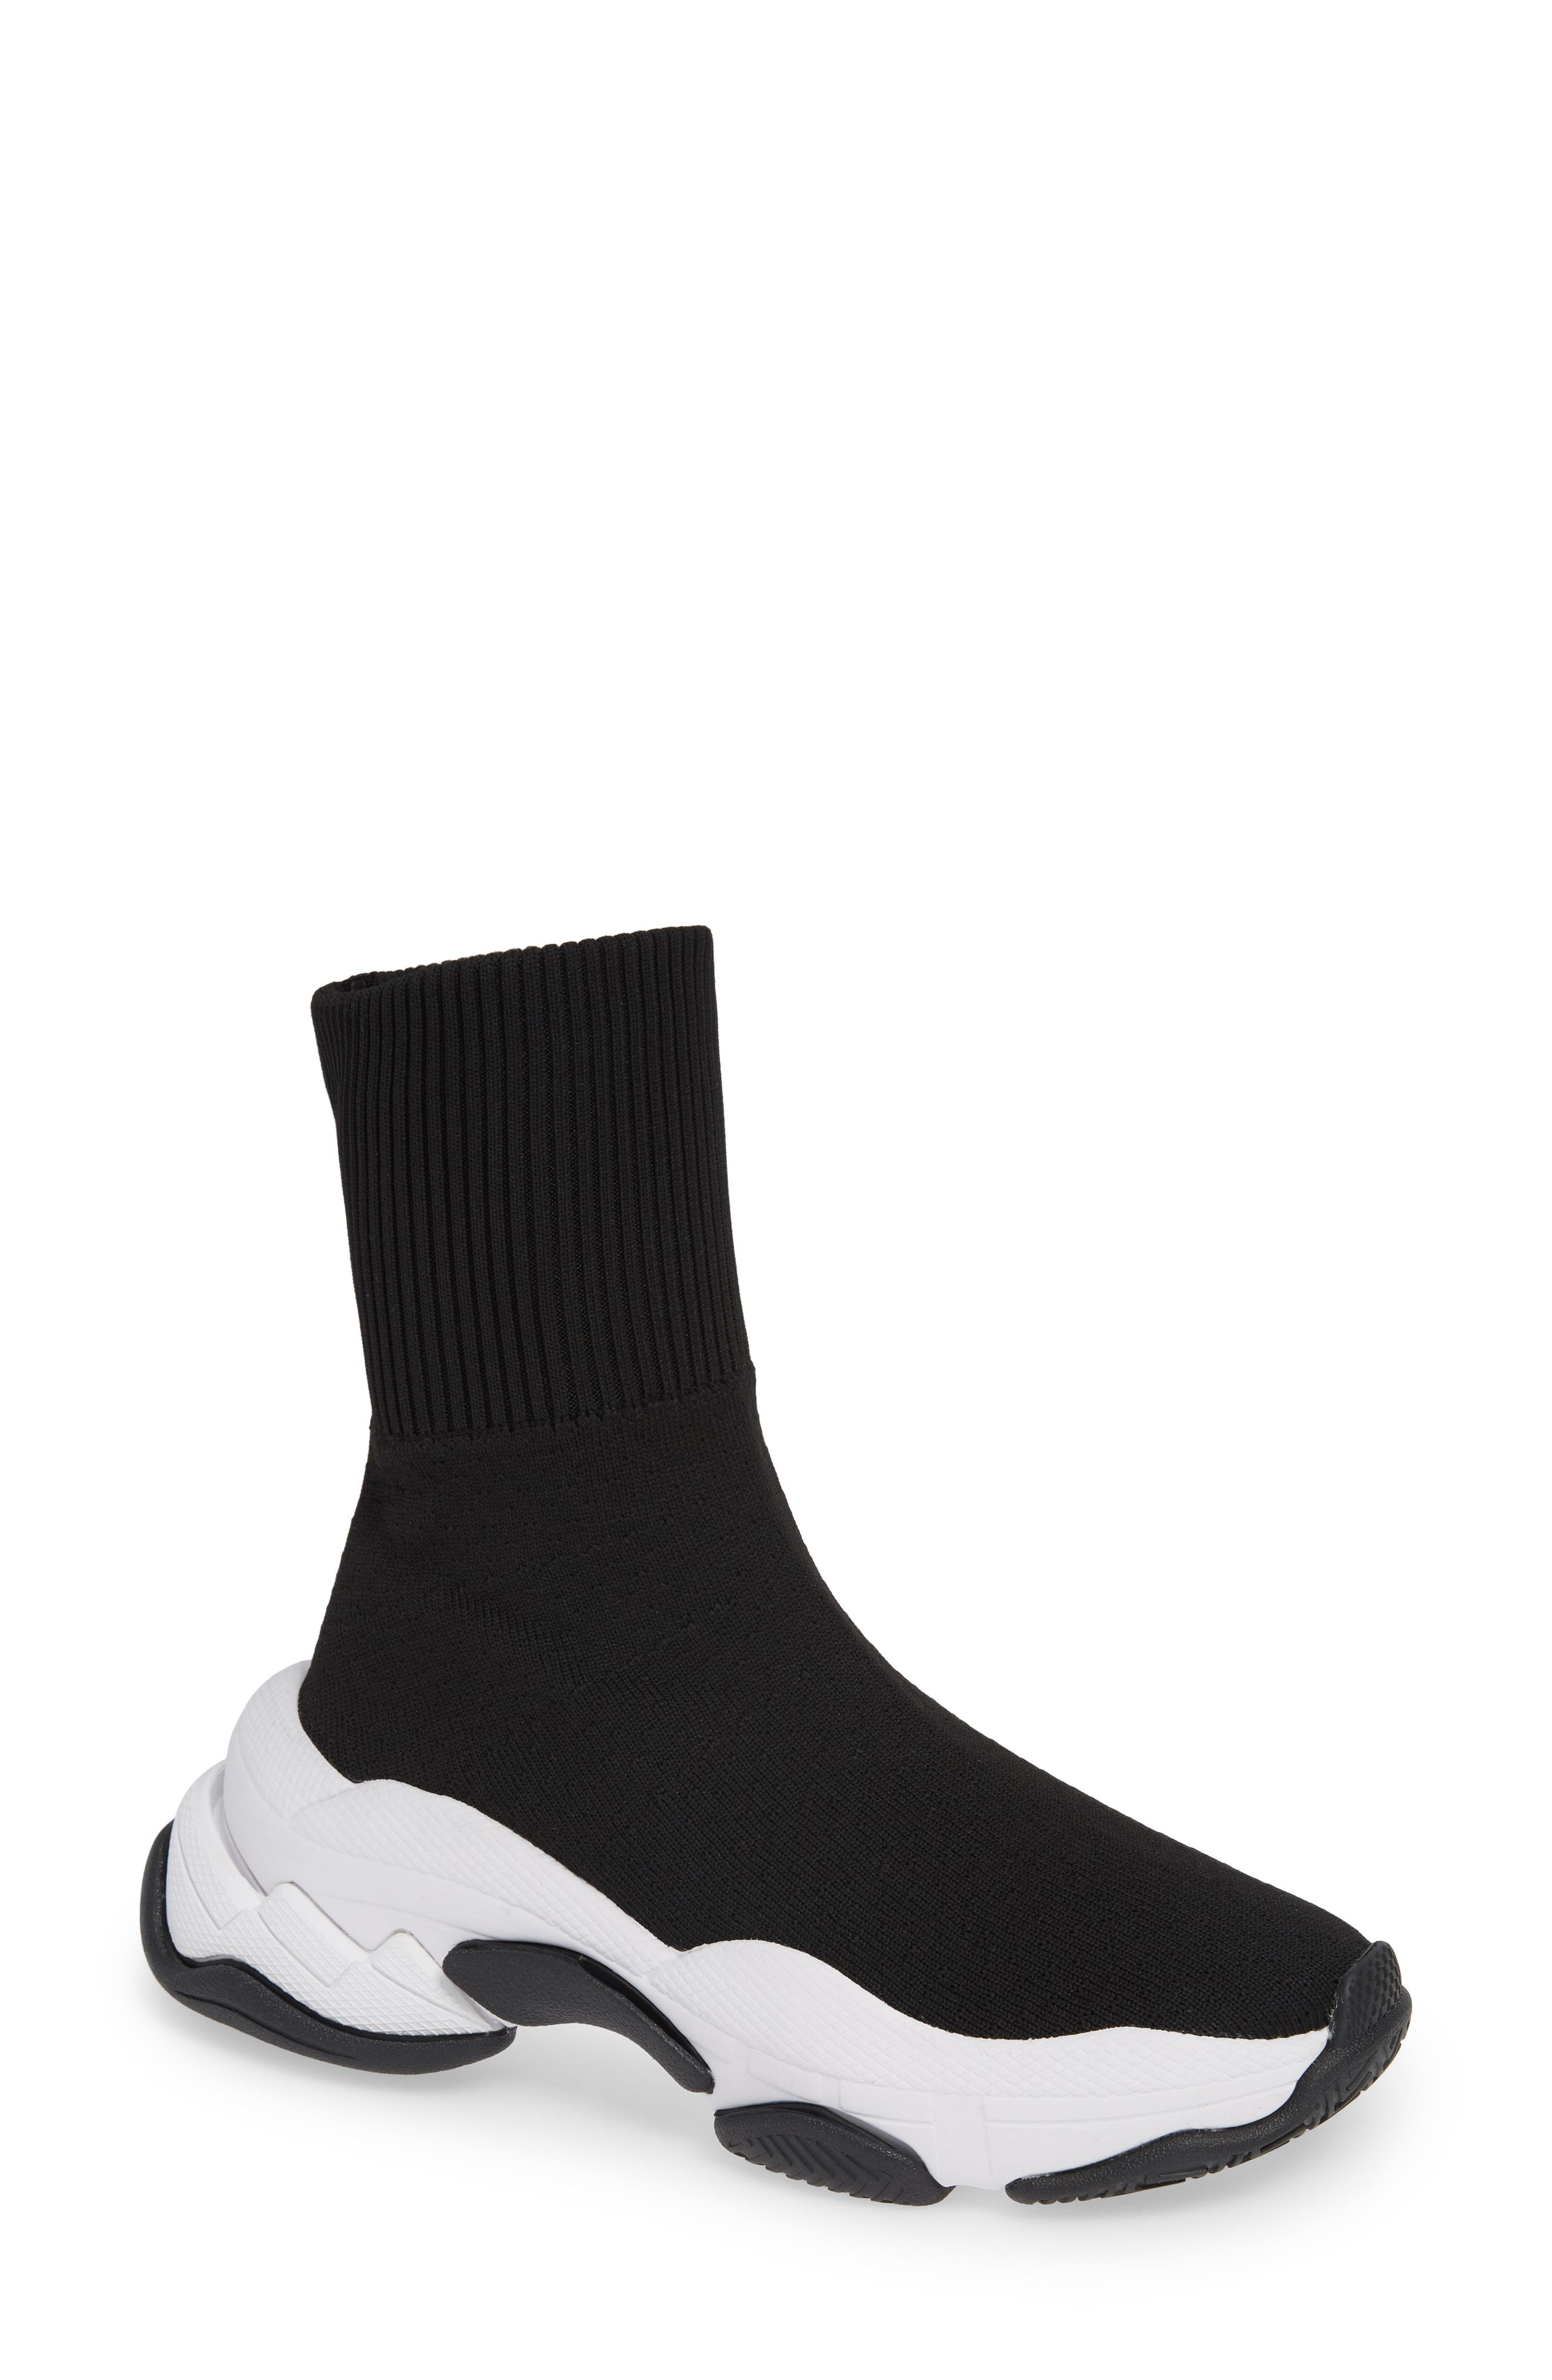 10 Sock Sneakers - Best Sock Sneakers